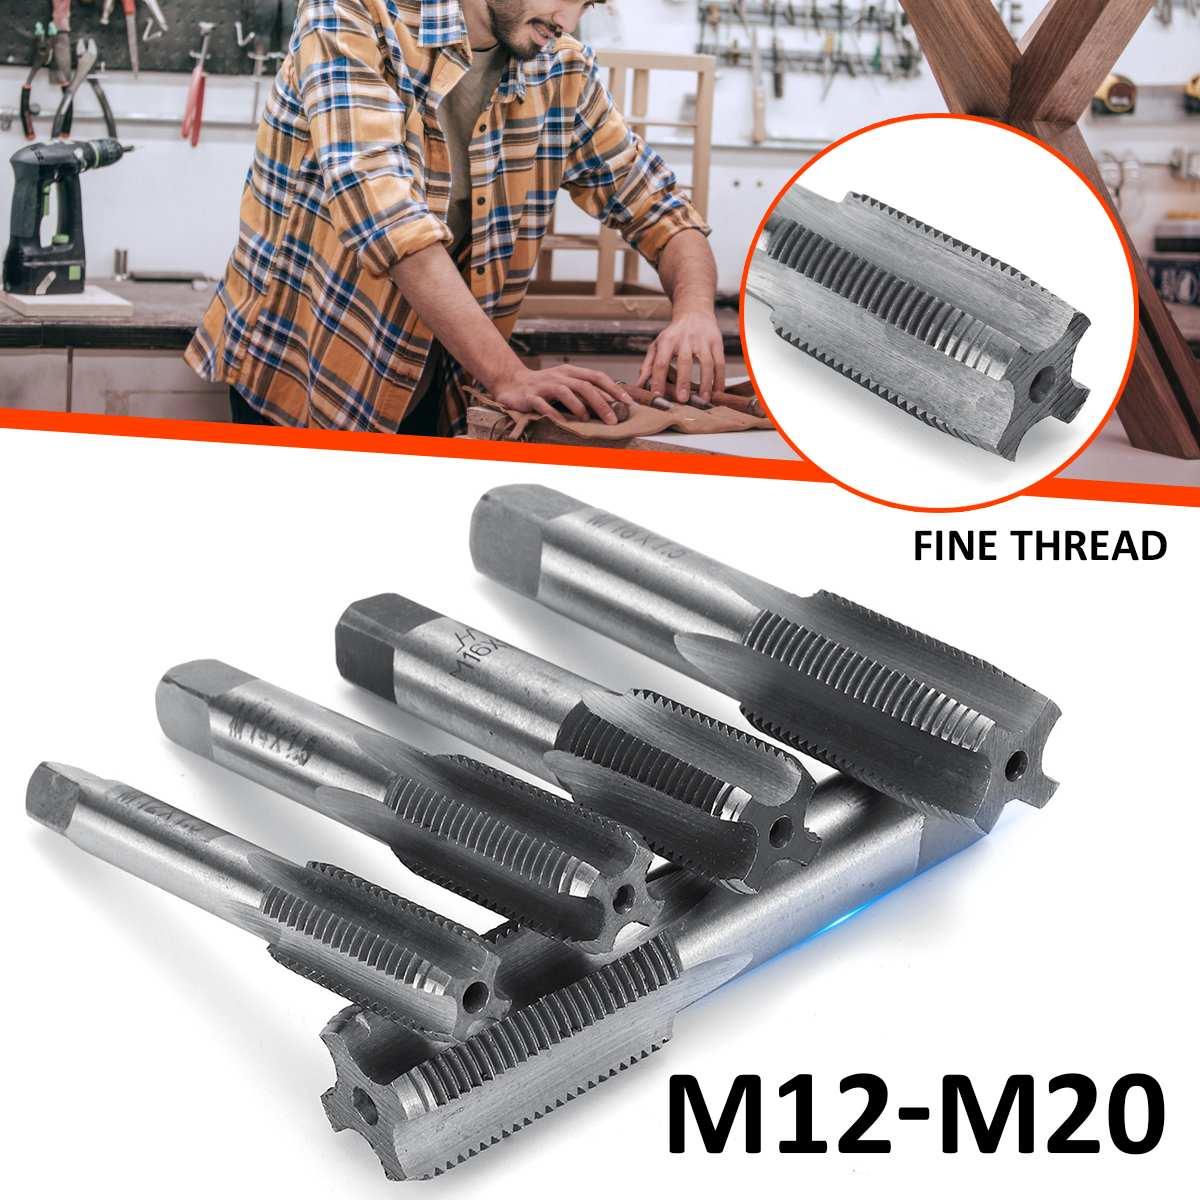 Logisch 2x M12 M14 M16 M18 M20 1,5mm Pitch Hss Rechte Hand Gerade Feinen Gewinde Tap Metric Stecker Hand Tippen Werkzeuge Für Mold Bearbeitung Modern Und Elegant In Mode Werkzeuge